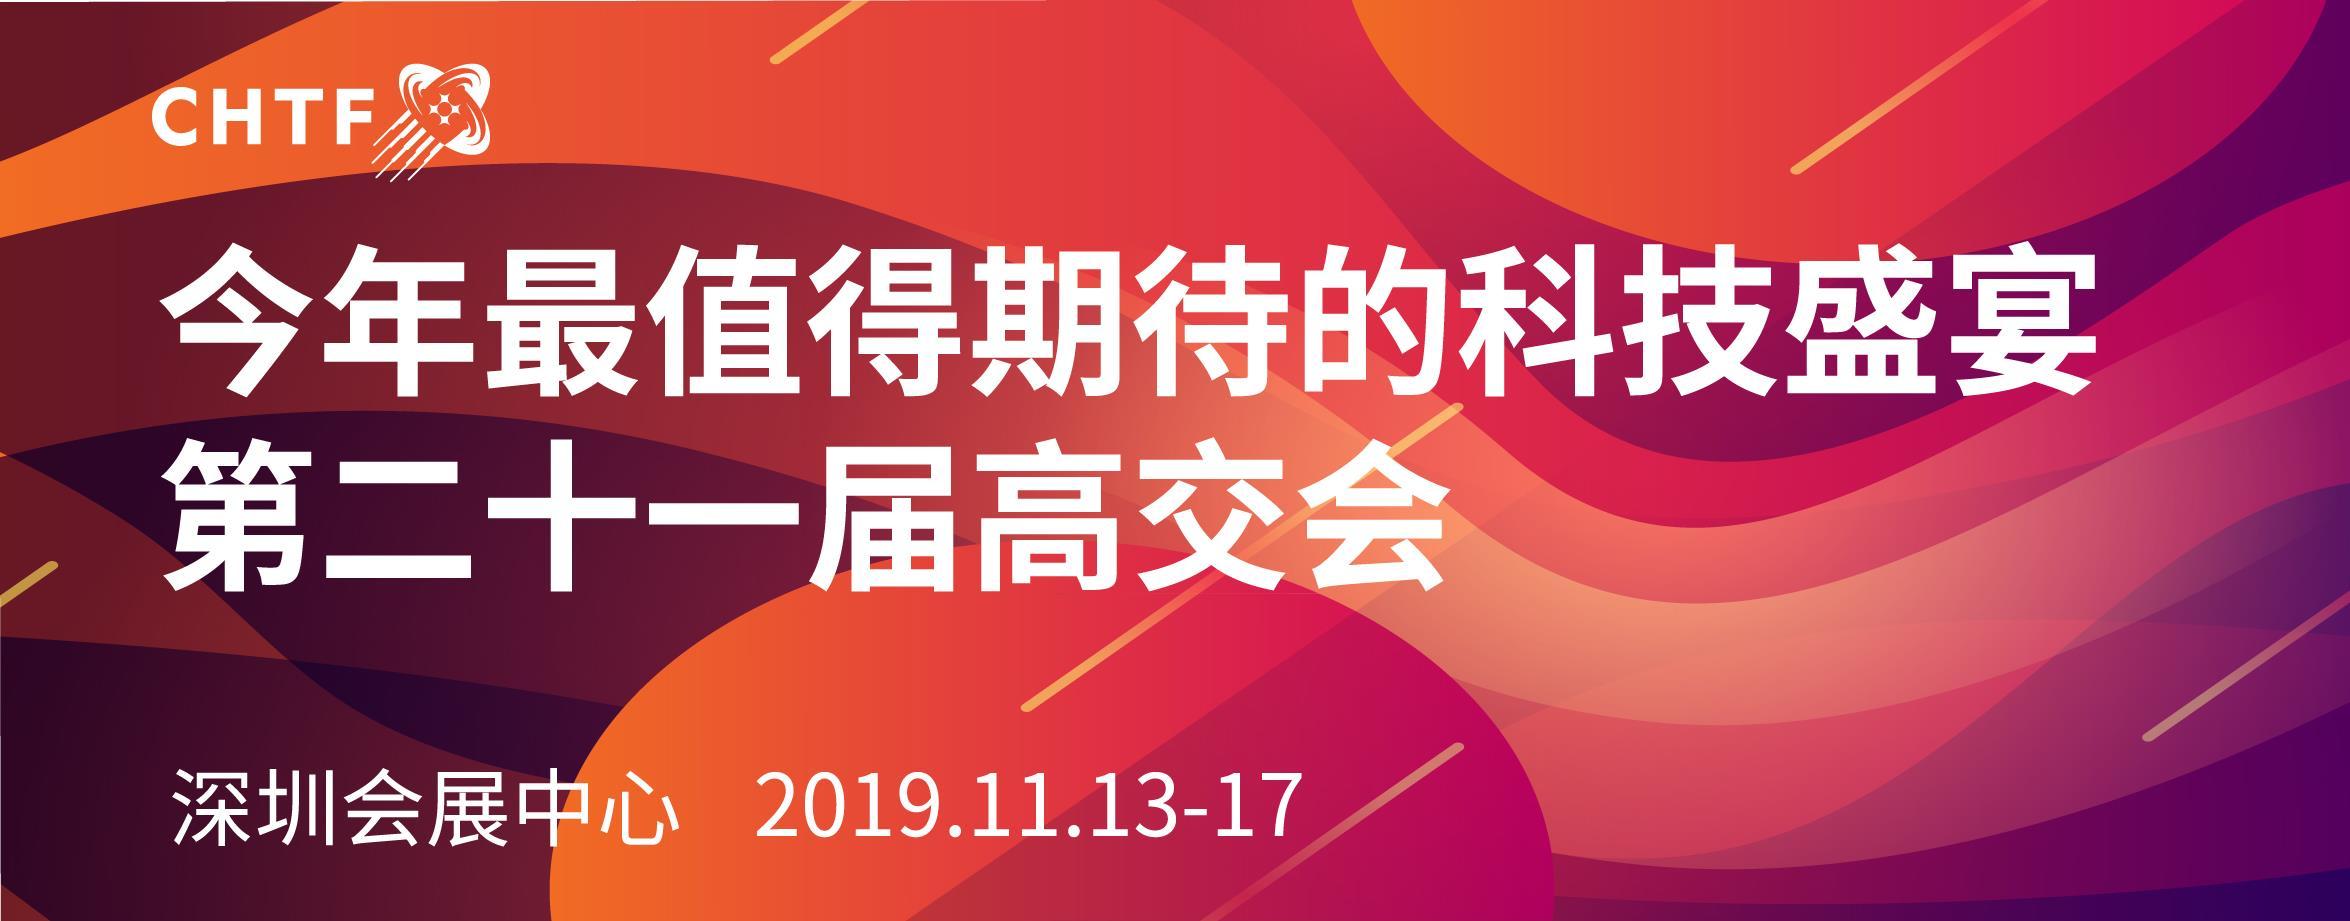 2019第21屆中國國際高新技術成果交易會